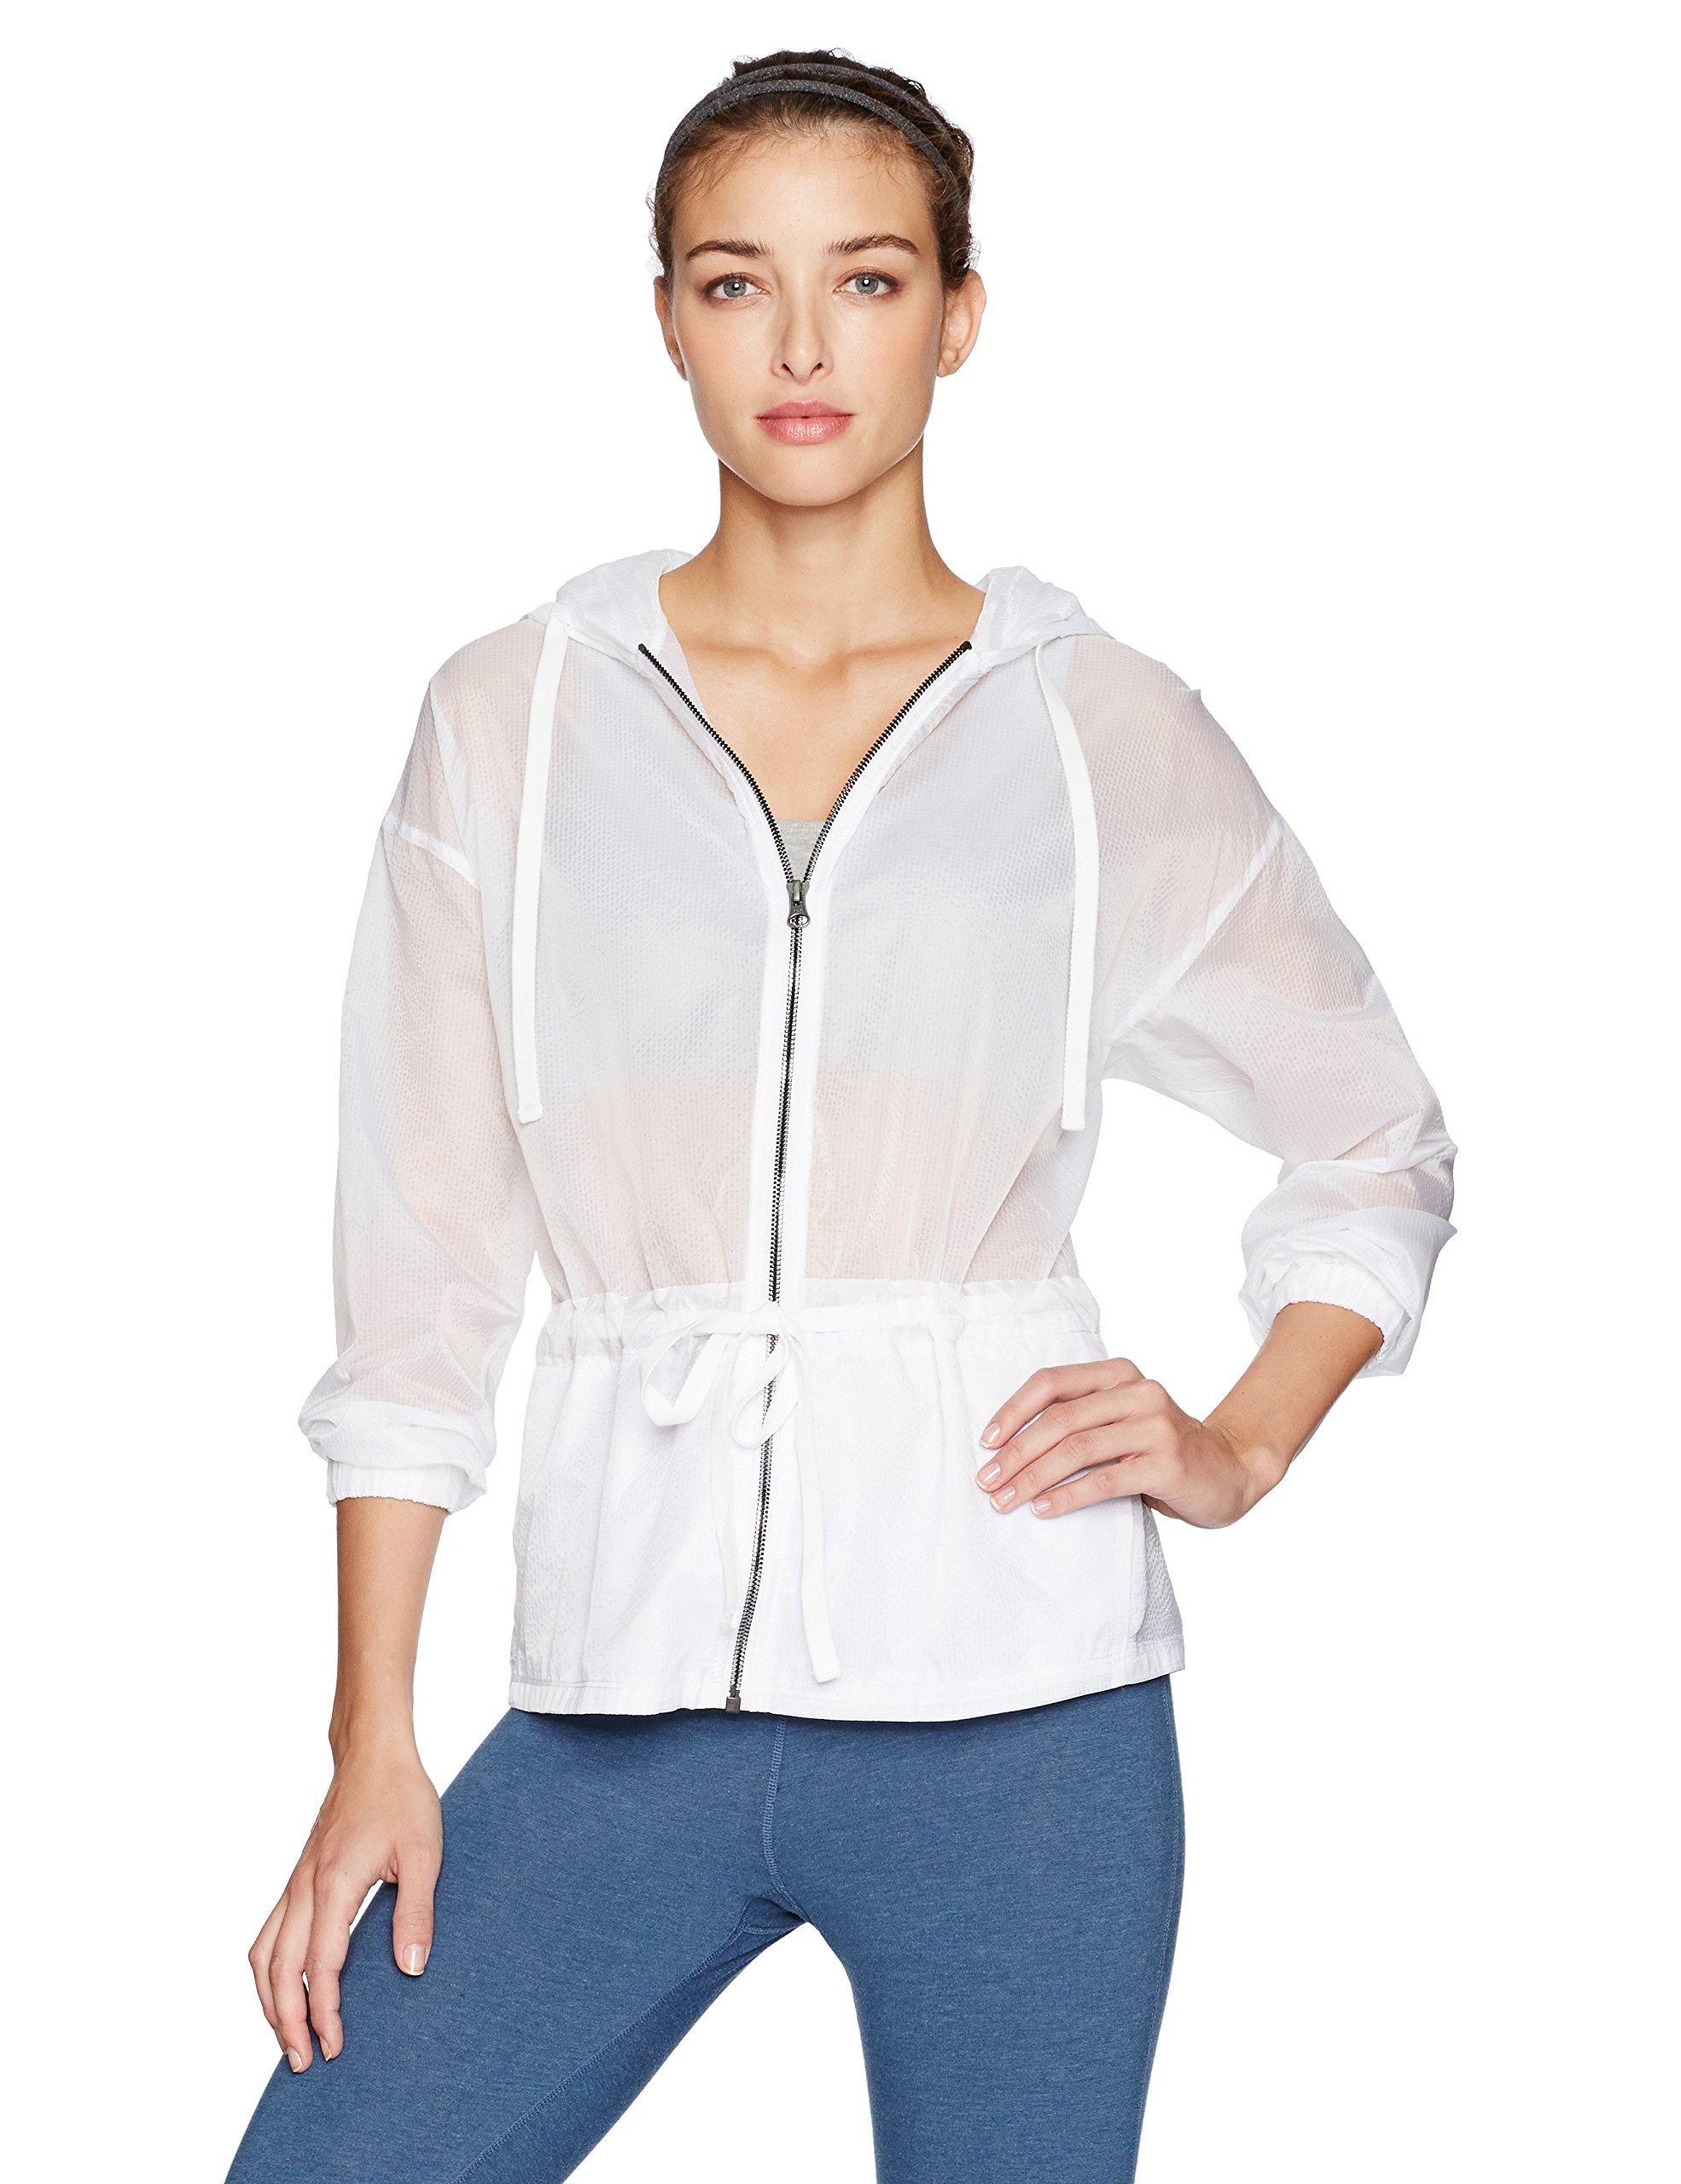 Alo Yoga Women's Hideaway Jacket, White, S